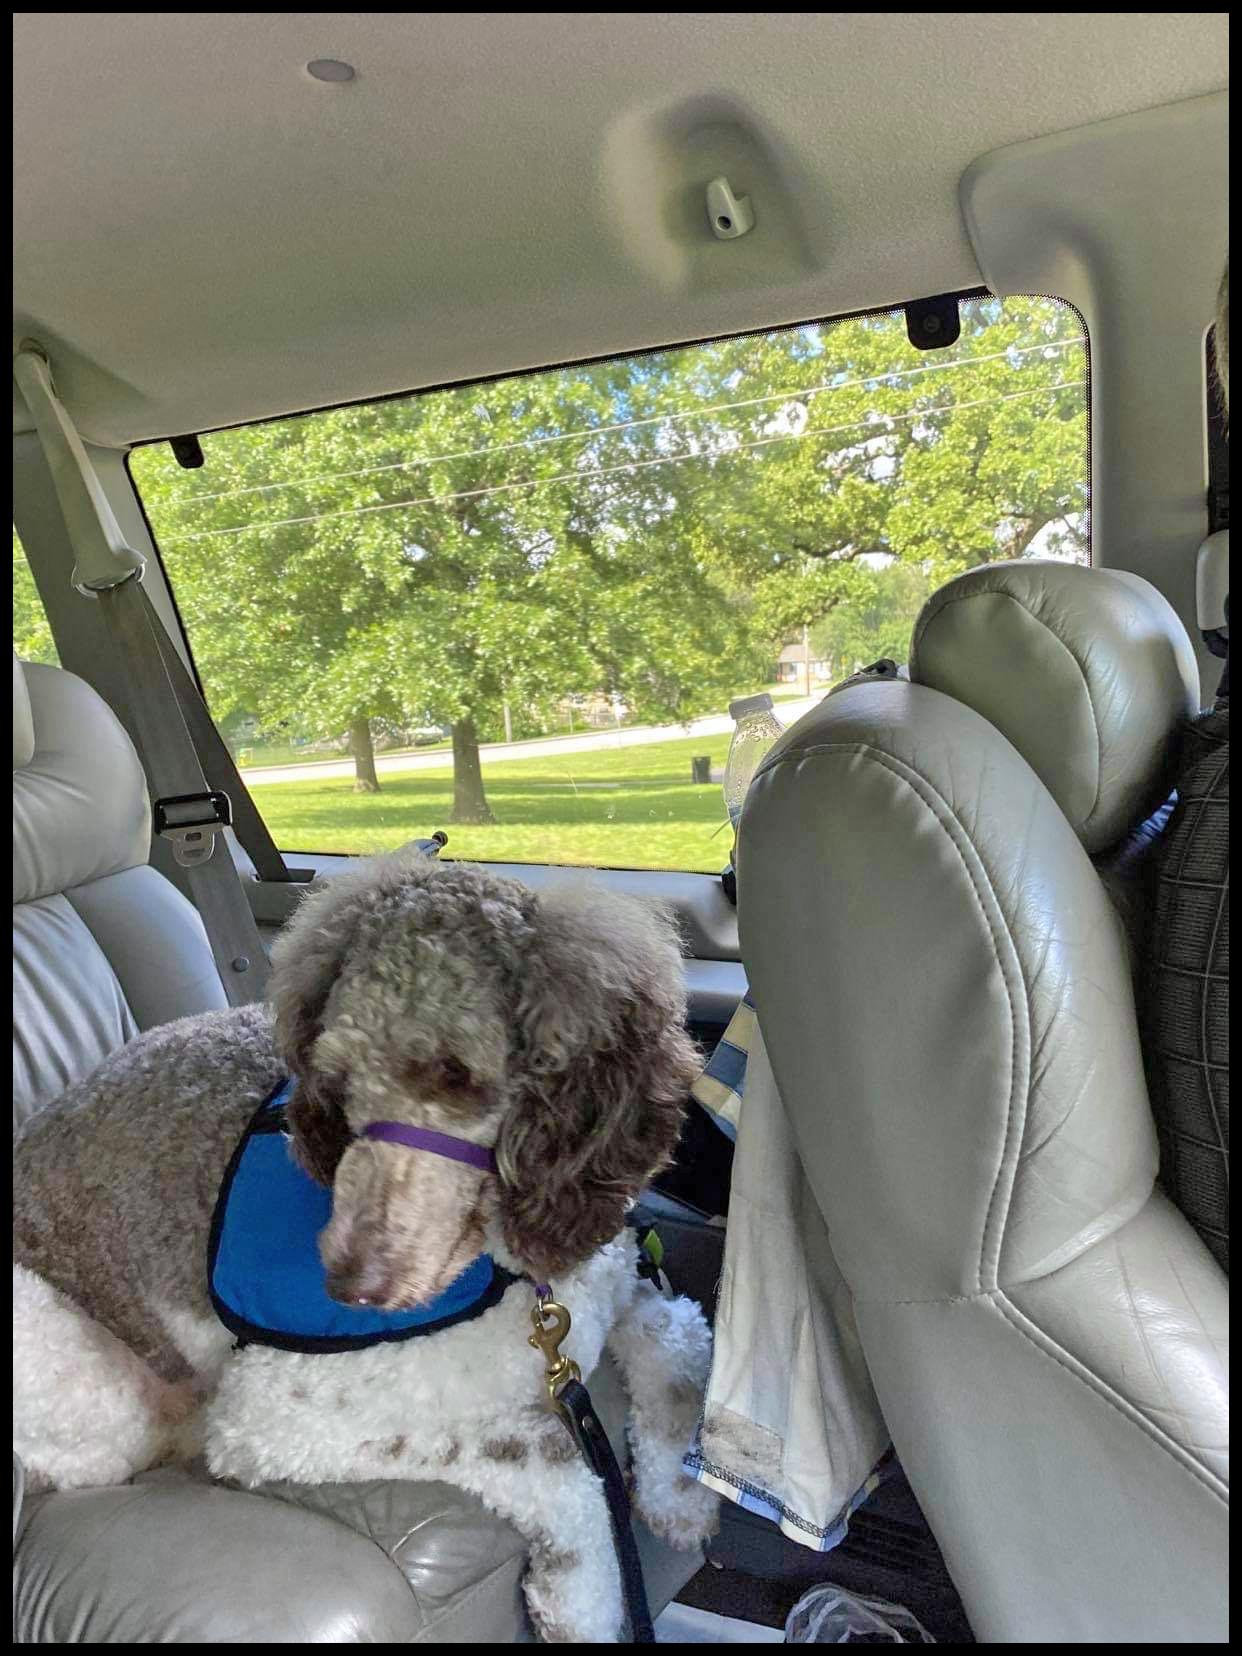 Bandit in the Van